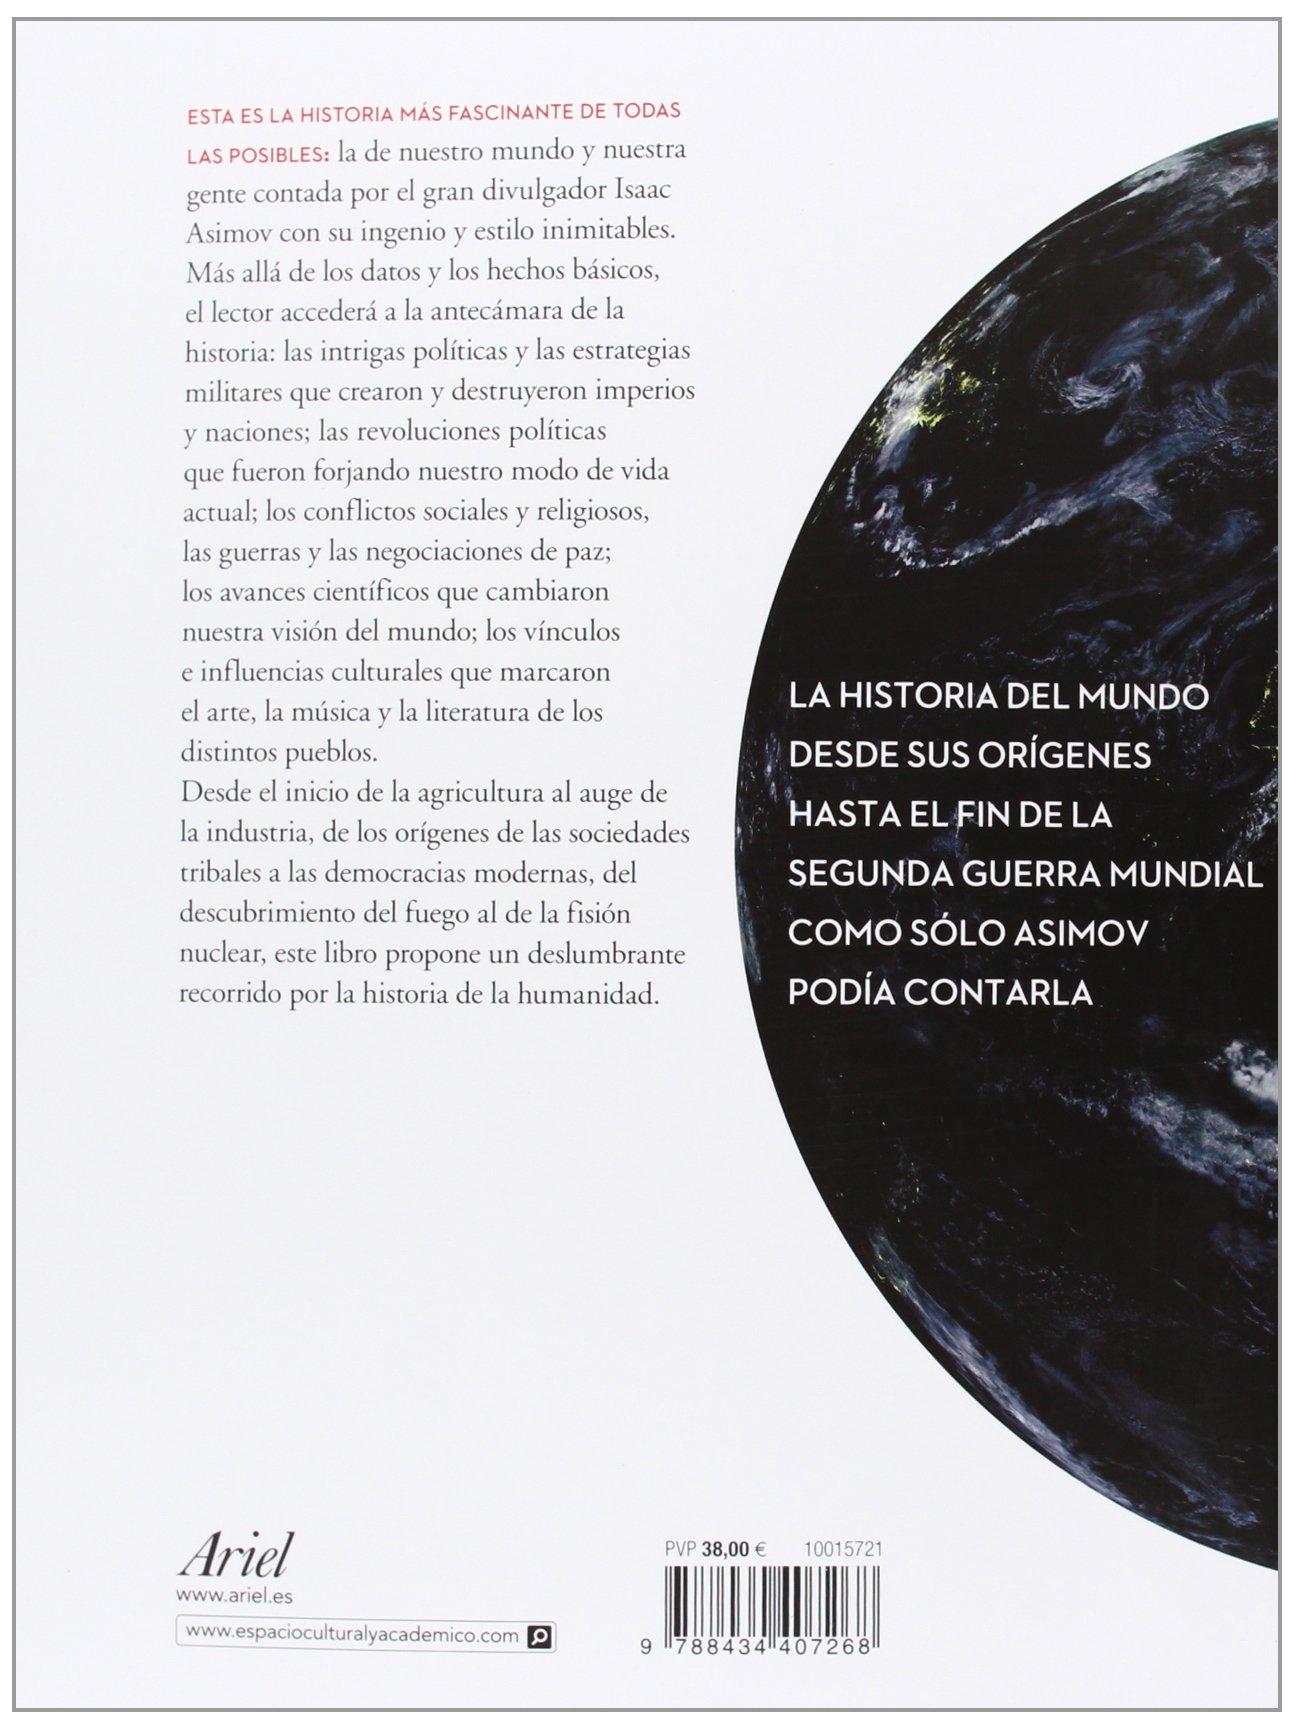 Historia y cronología del mundo: ISAAC ASIMOV: 9788434407268: Amazon.com:  Books